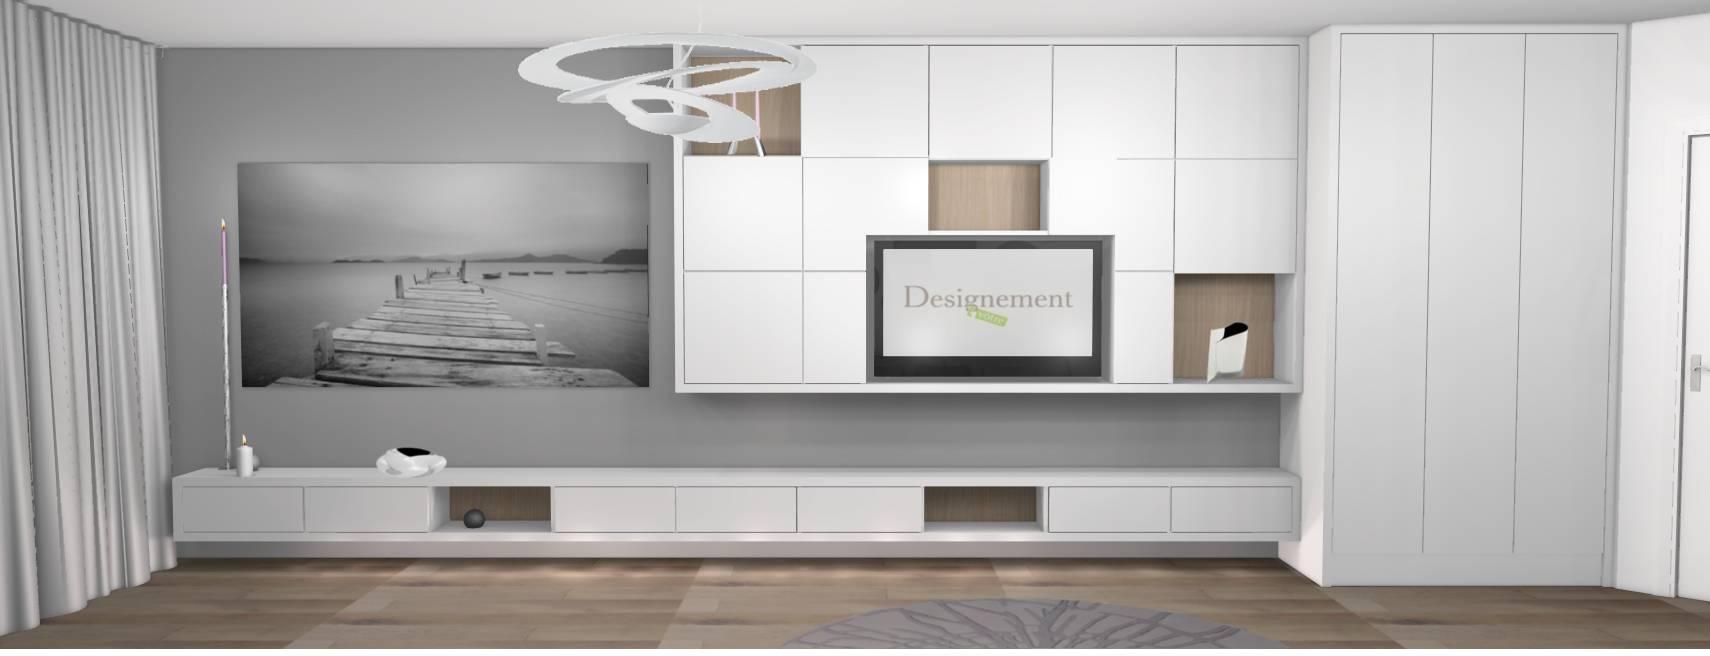 les meubles sur mesure la solution ideale en decoration d interieur